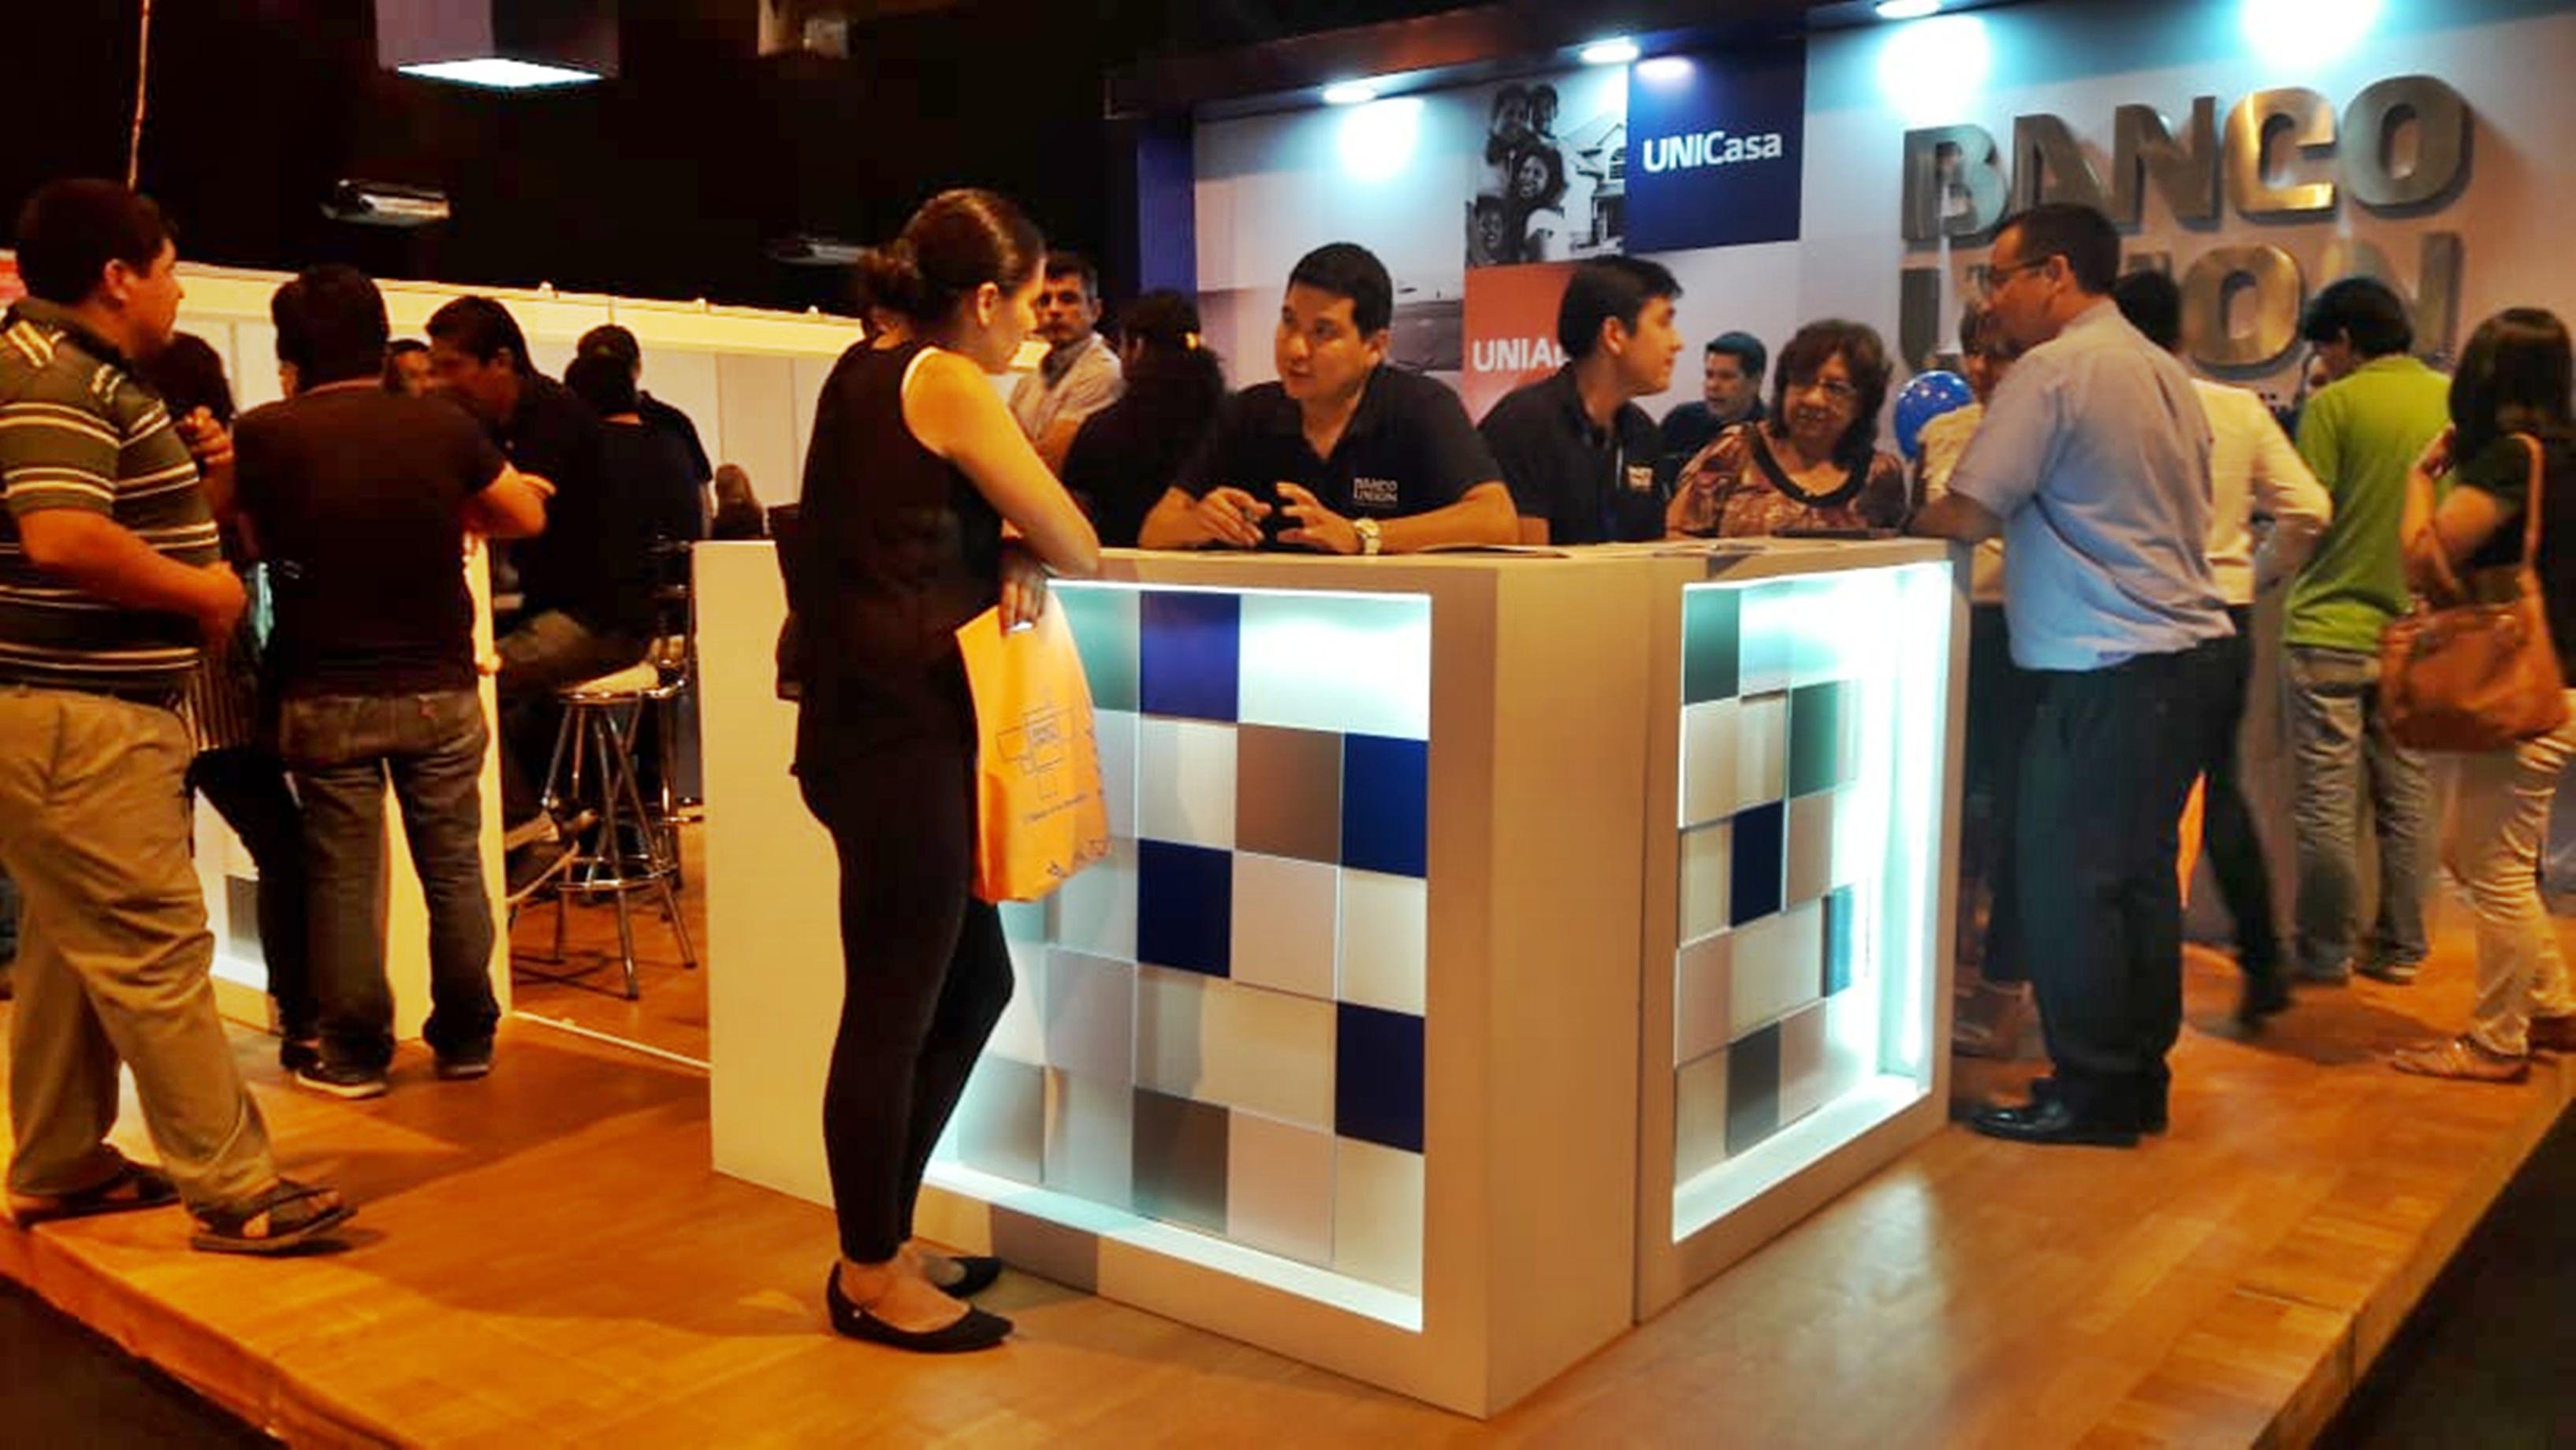 Banco Unión impulsa el desarrollo de Santa Cruz a través de sus ofertas crediticias y servicios financieros